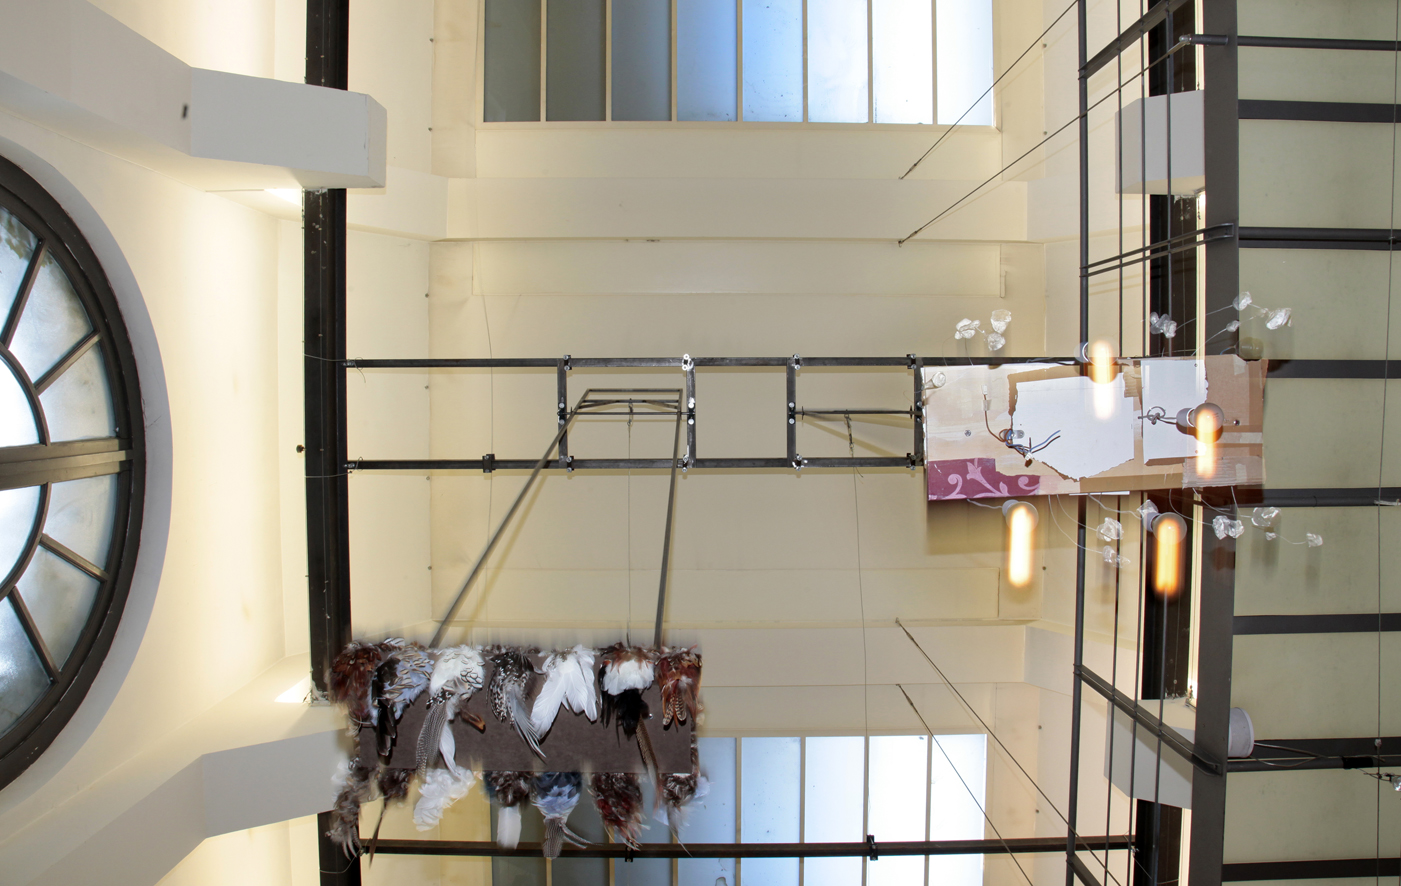 Lucile Bertrand -ISELP exhibition